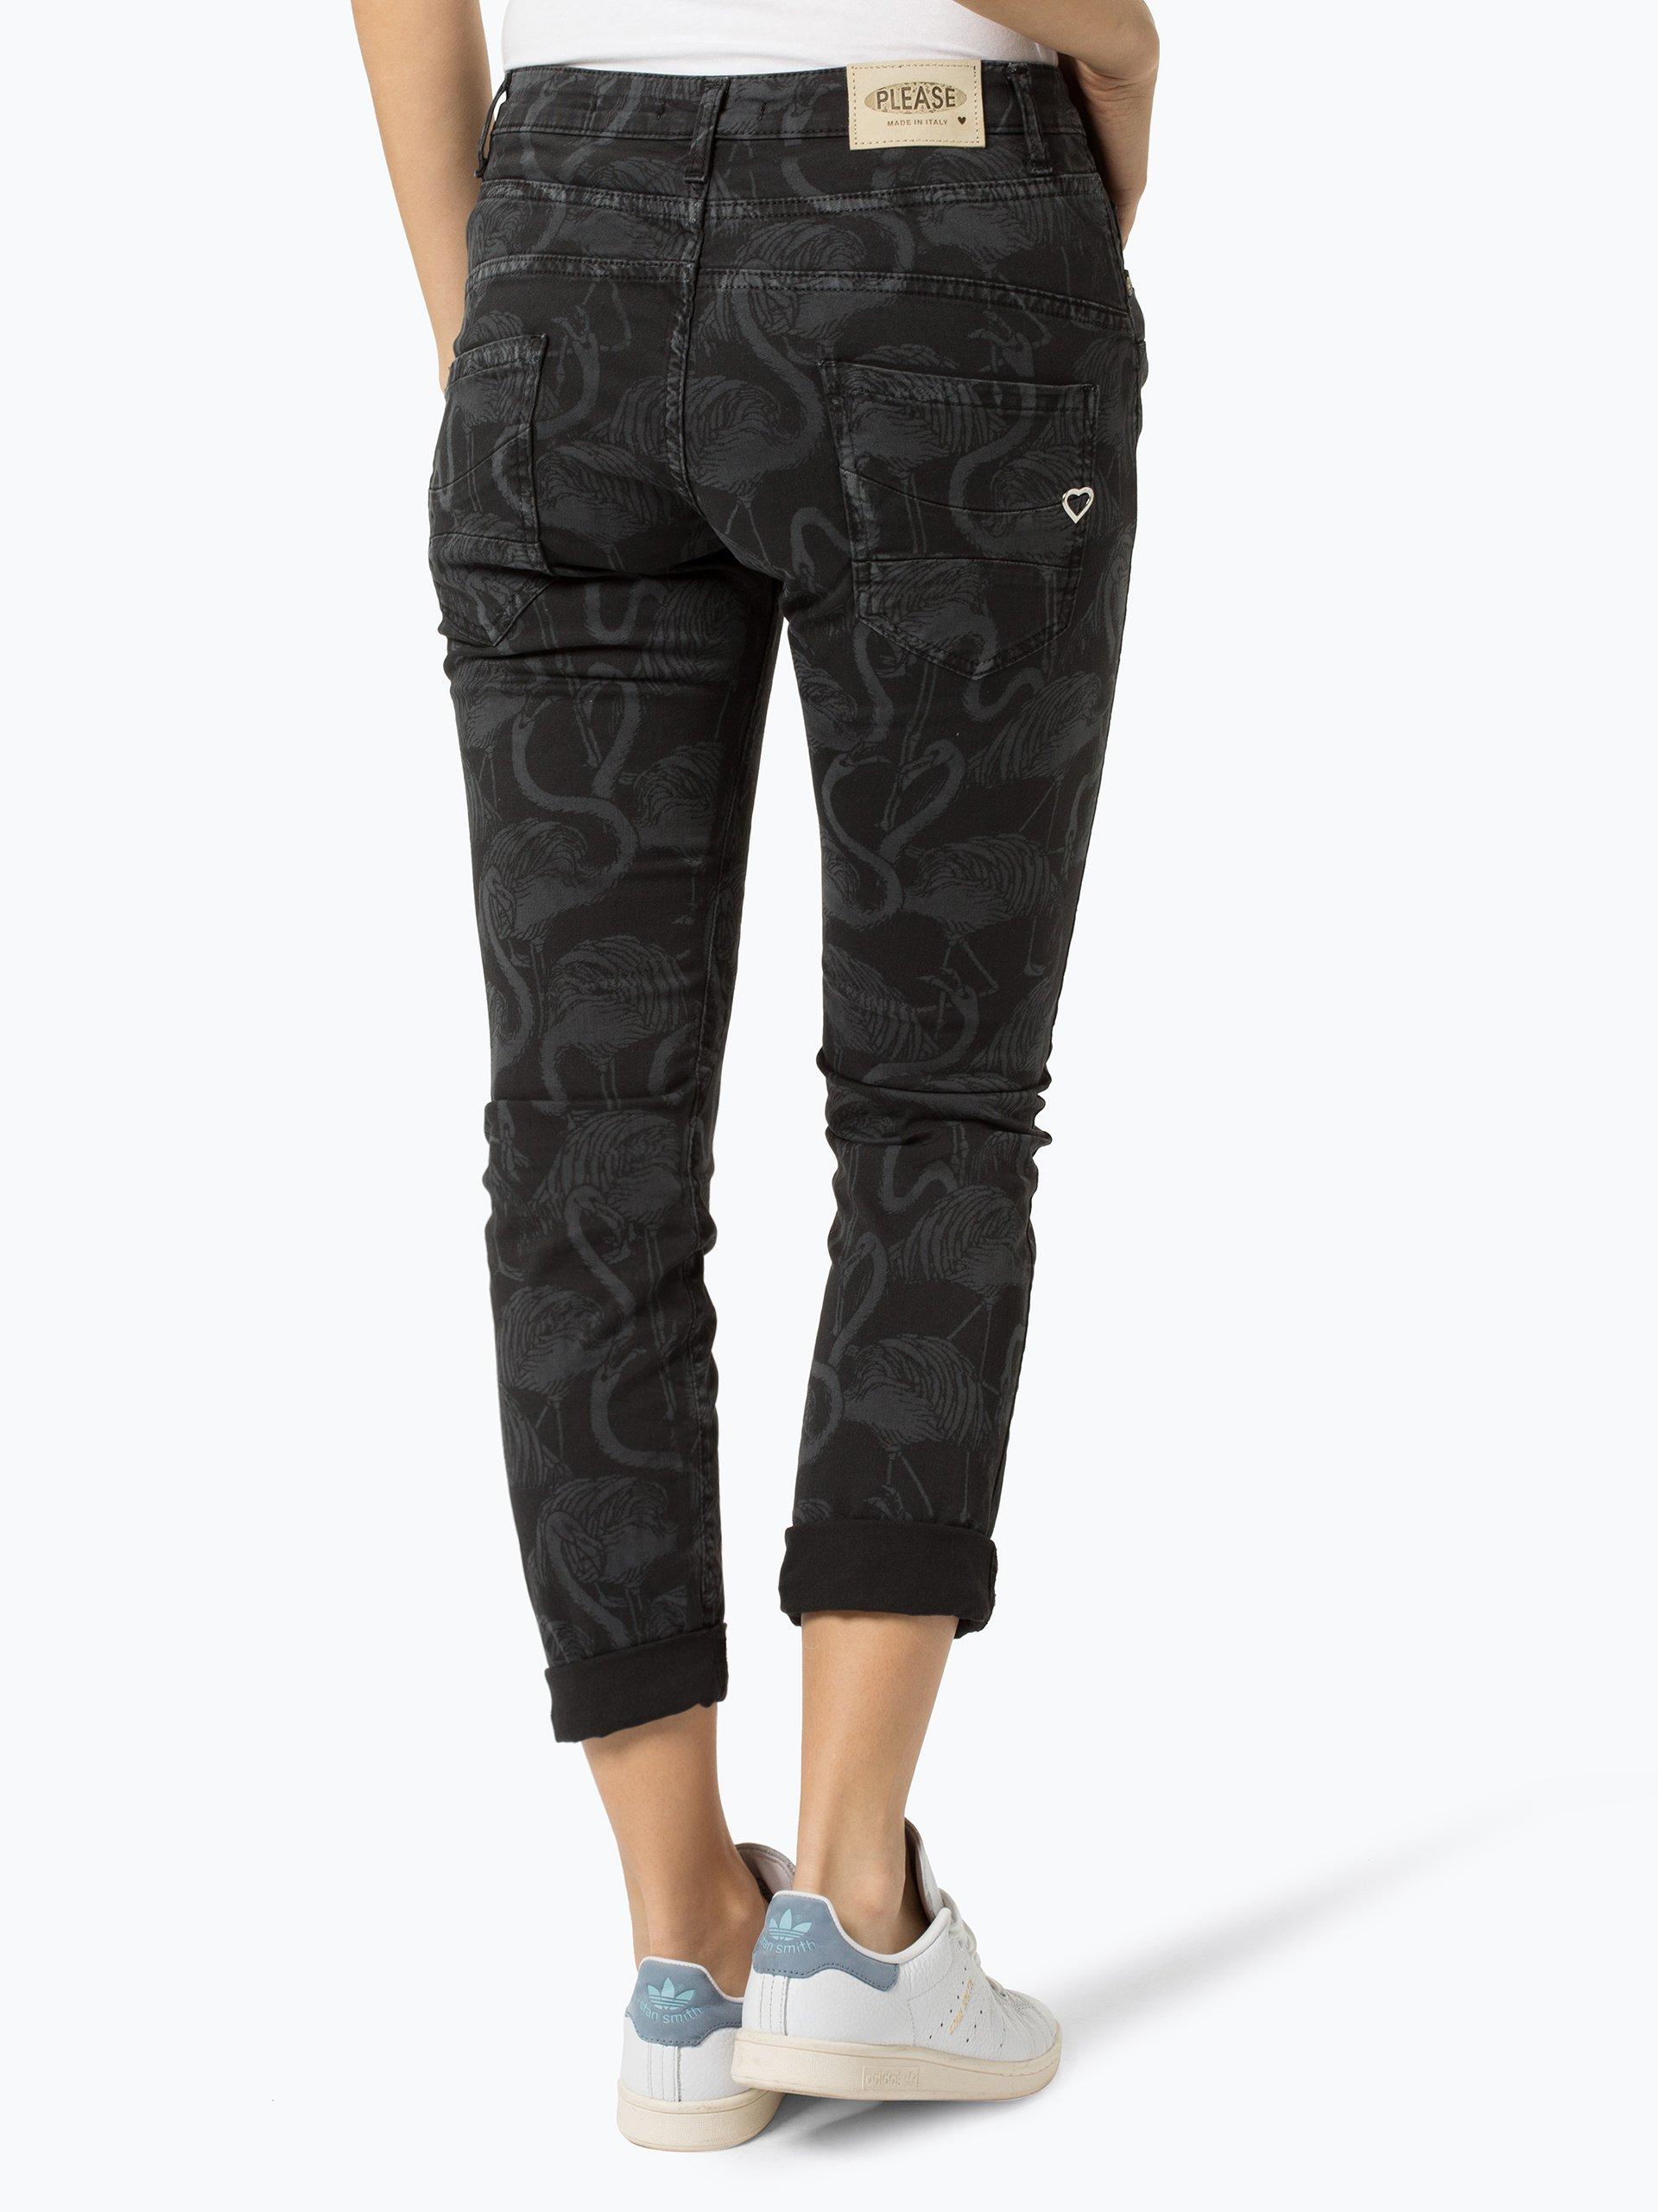 please damen jeans schwarz anthrazit uni online kaufen peek und cloppenburg de. Black Bedroom Furniture Sets. Home Design Ideas